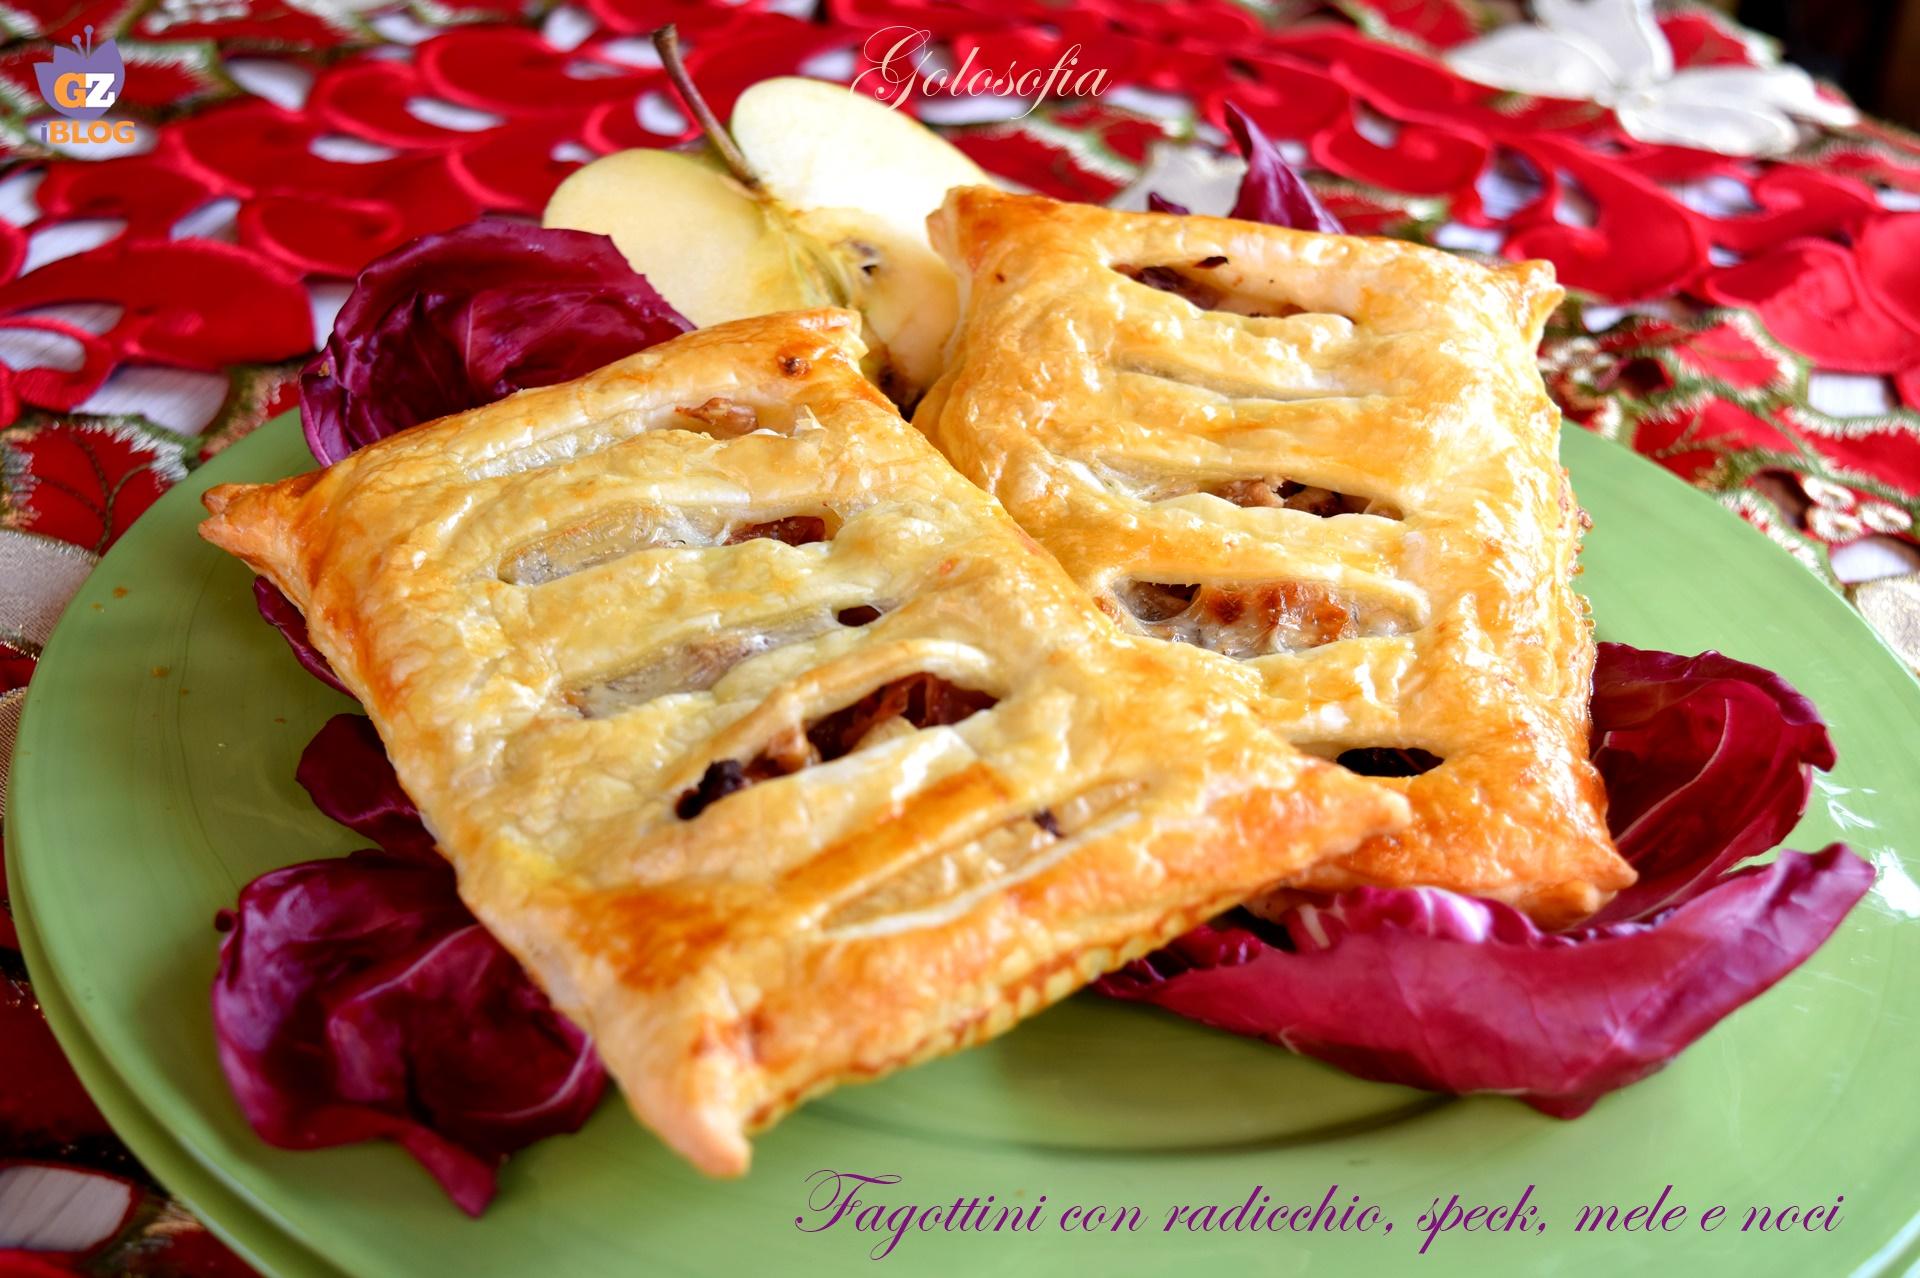 Fagottini con radicchio, speck, mele e noci, ricetta sfiziosa antipasti